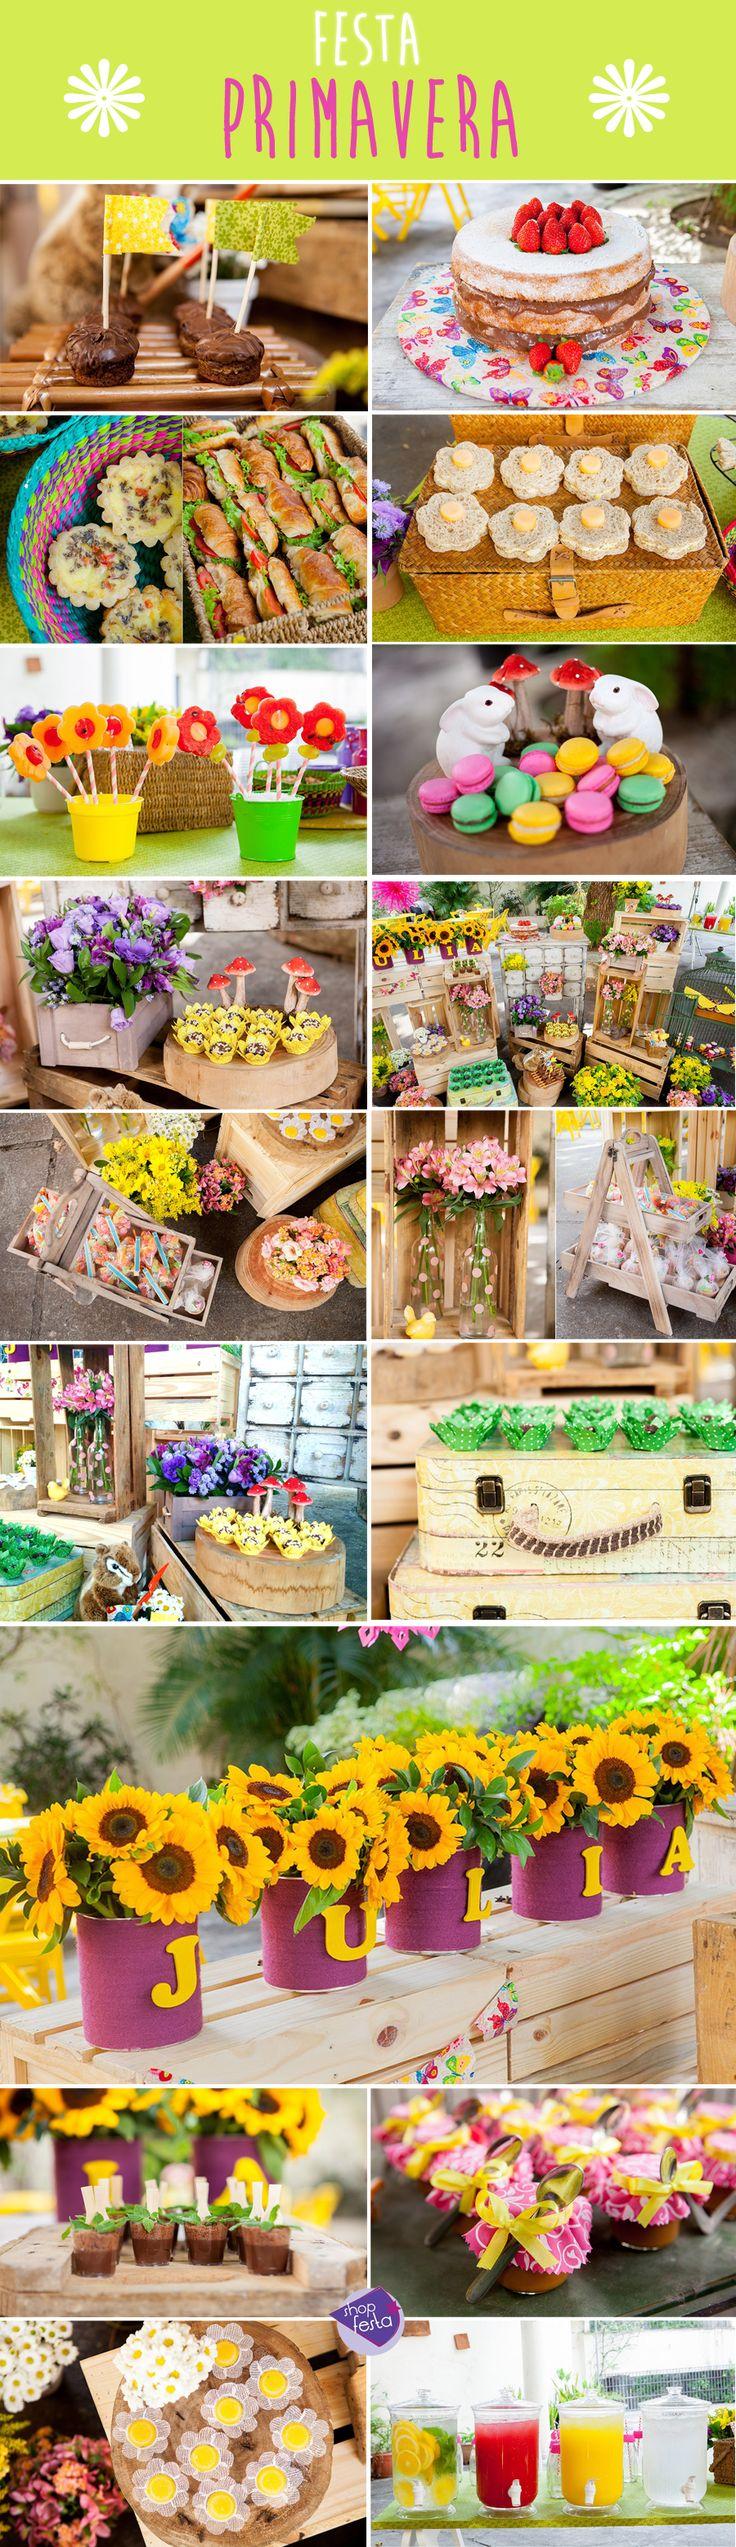 Festa Primavera | Shopfesta.A Júlia é uma menina que adora estar em contato com…